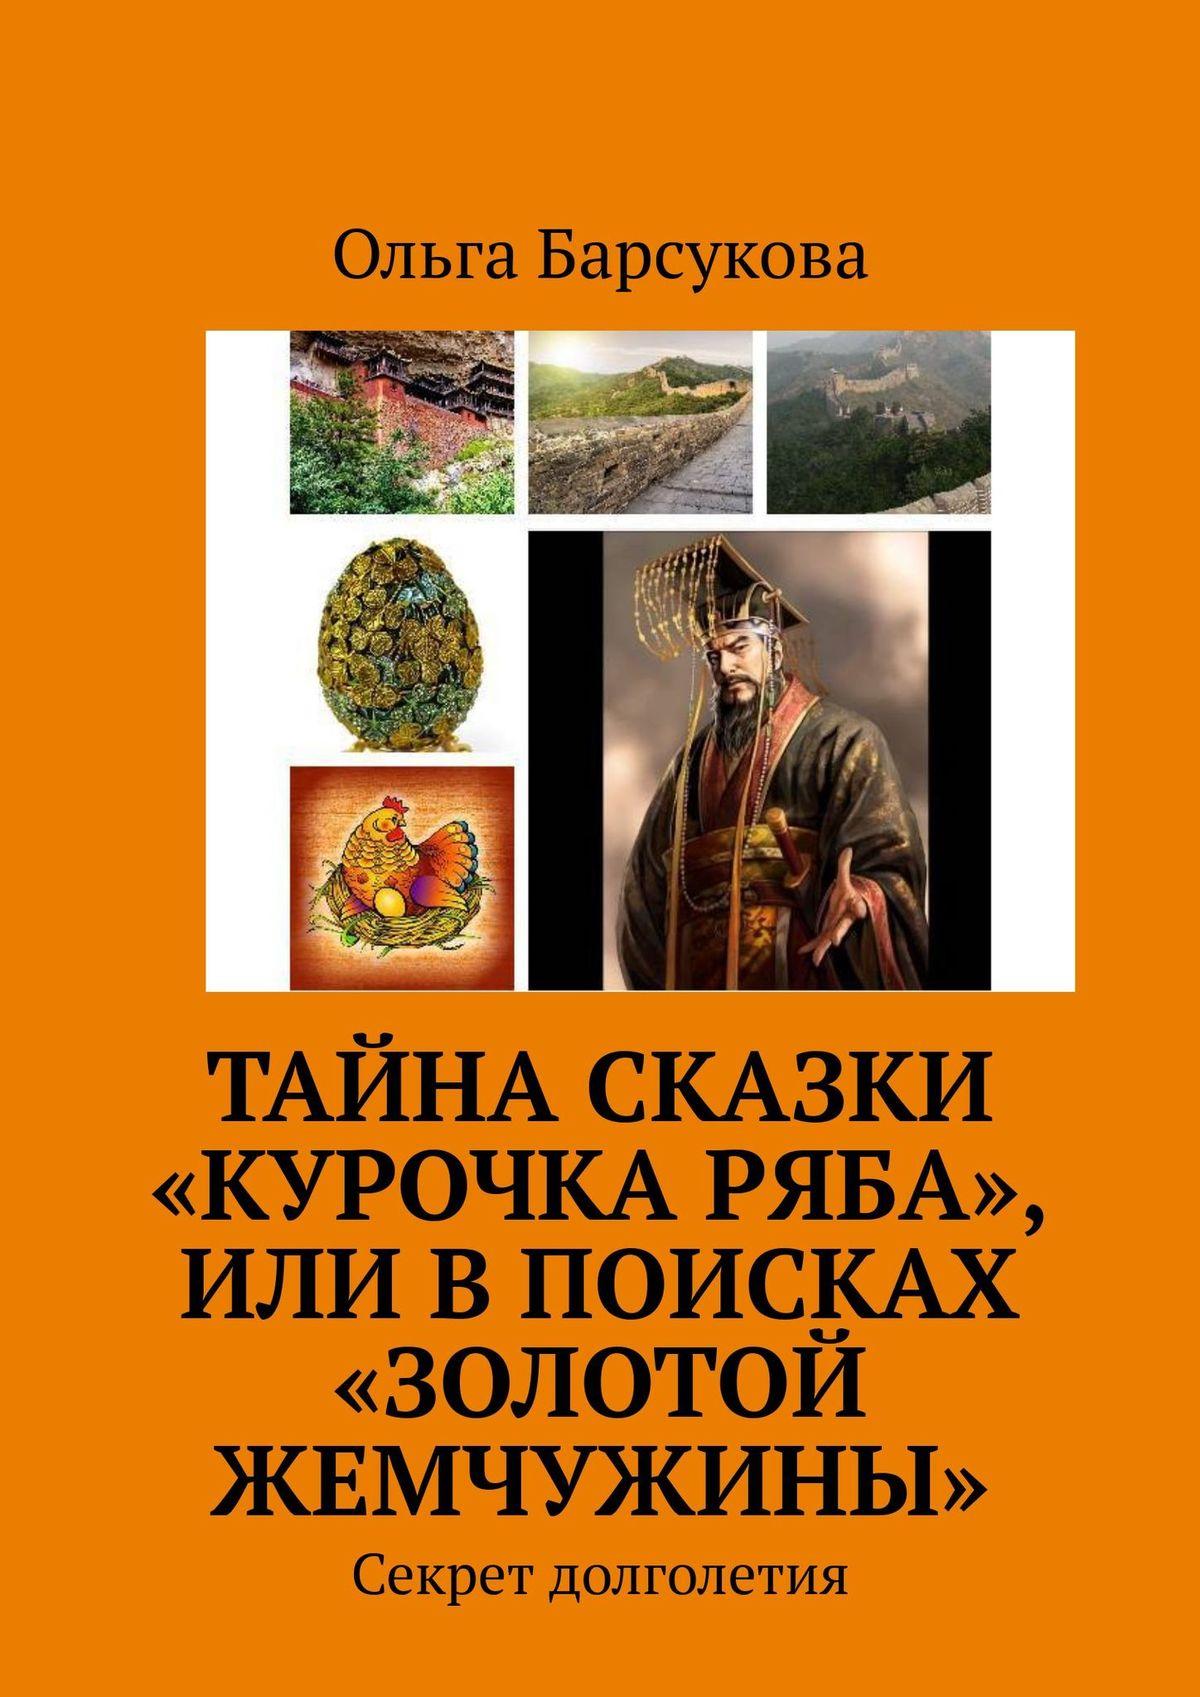 Тайна сказки «Курочка Ряба», или Впоисках «Золотой жемчужины»